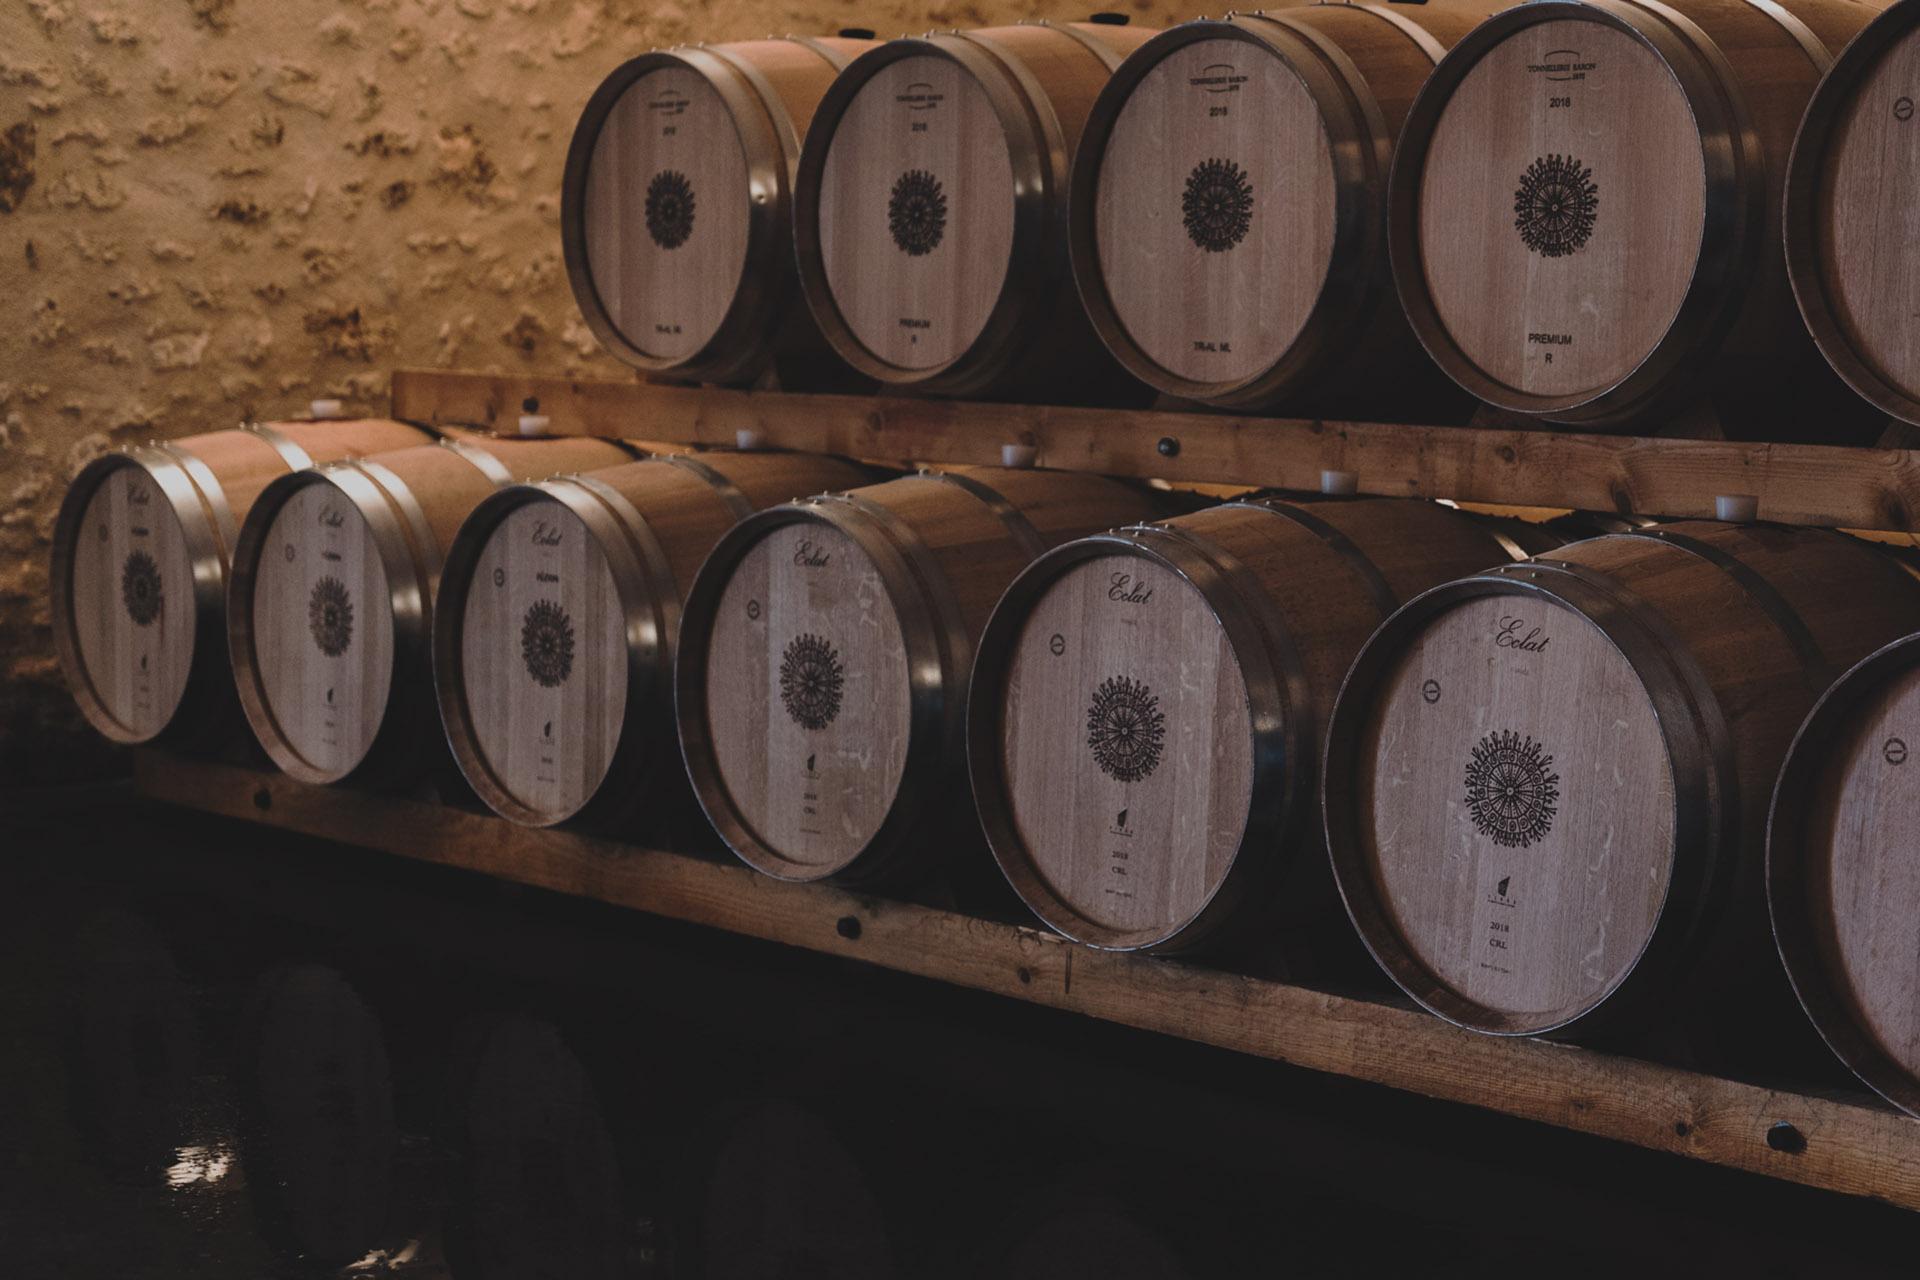 eclat; chais; barrique; tonneaux; tonnelerie; baron; Bordeaux; logo; chateau; beauvillage; cru; bourgeois; medoc; couqueques; vin; vignoble; rouge; vinopixo; constant; forme; becherat; photographe